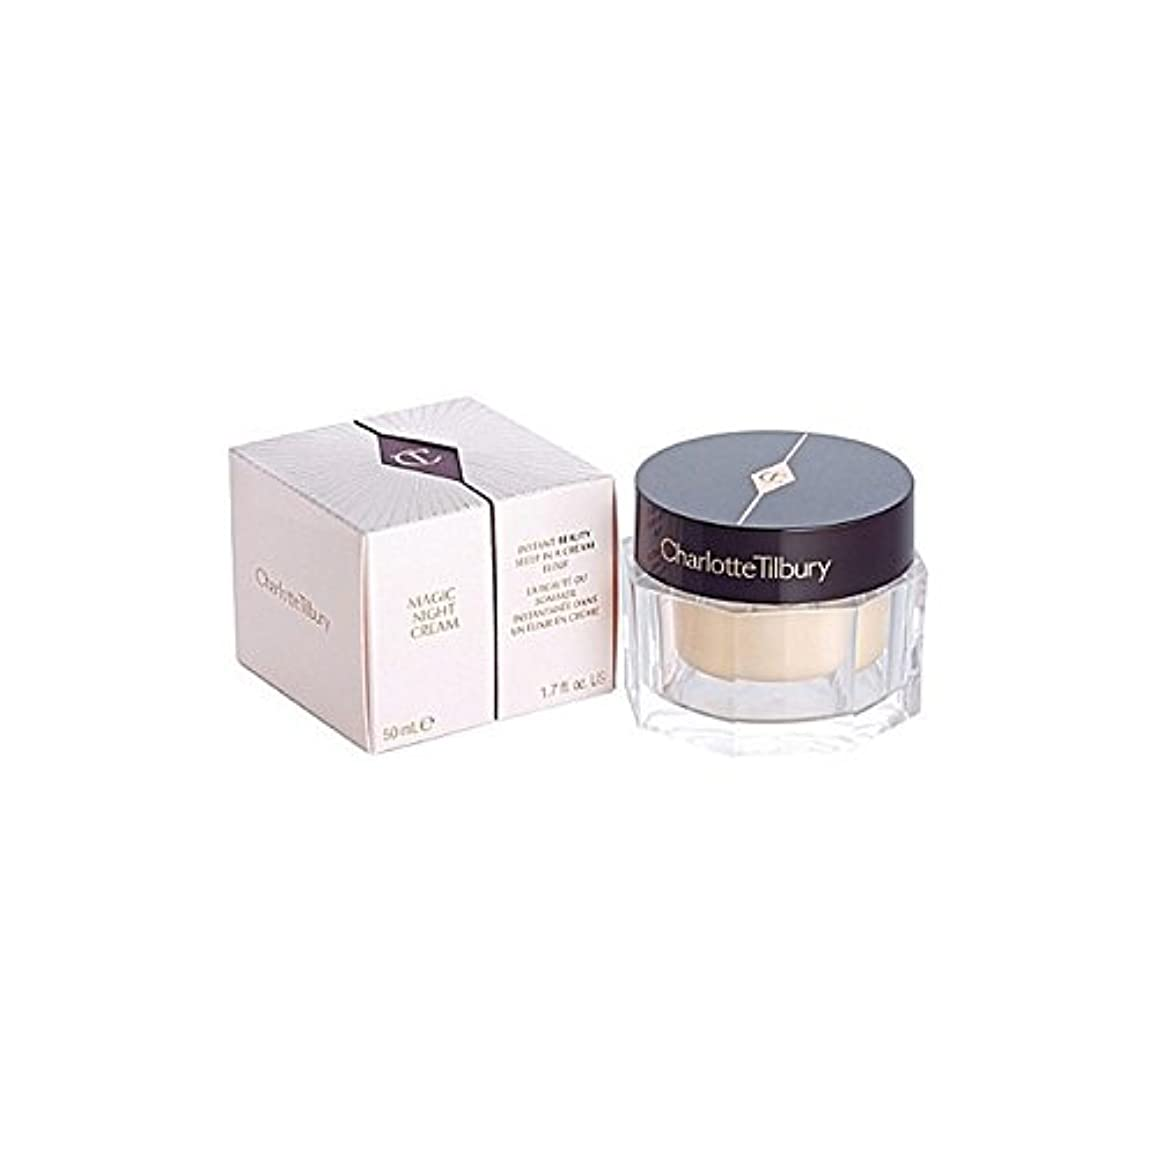 オーナー言語国内のシャーロットティルバリーマジックナイトレスキュークリーム50 x2 - Charlotte Tilbury Magic Night Rescue Cream 50Ml (Pack of 2) [並行輸入品]